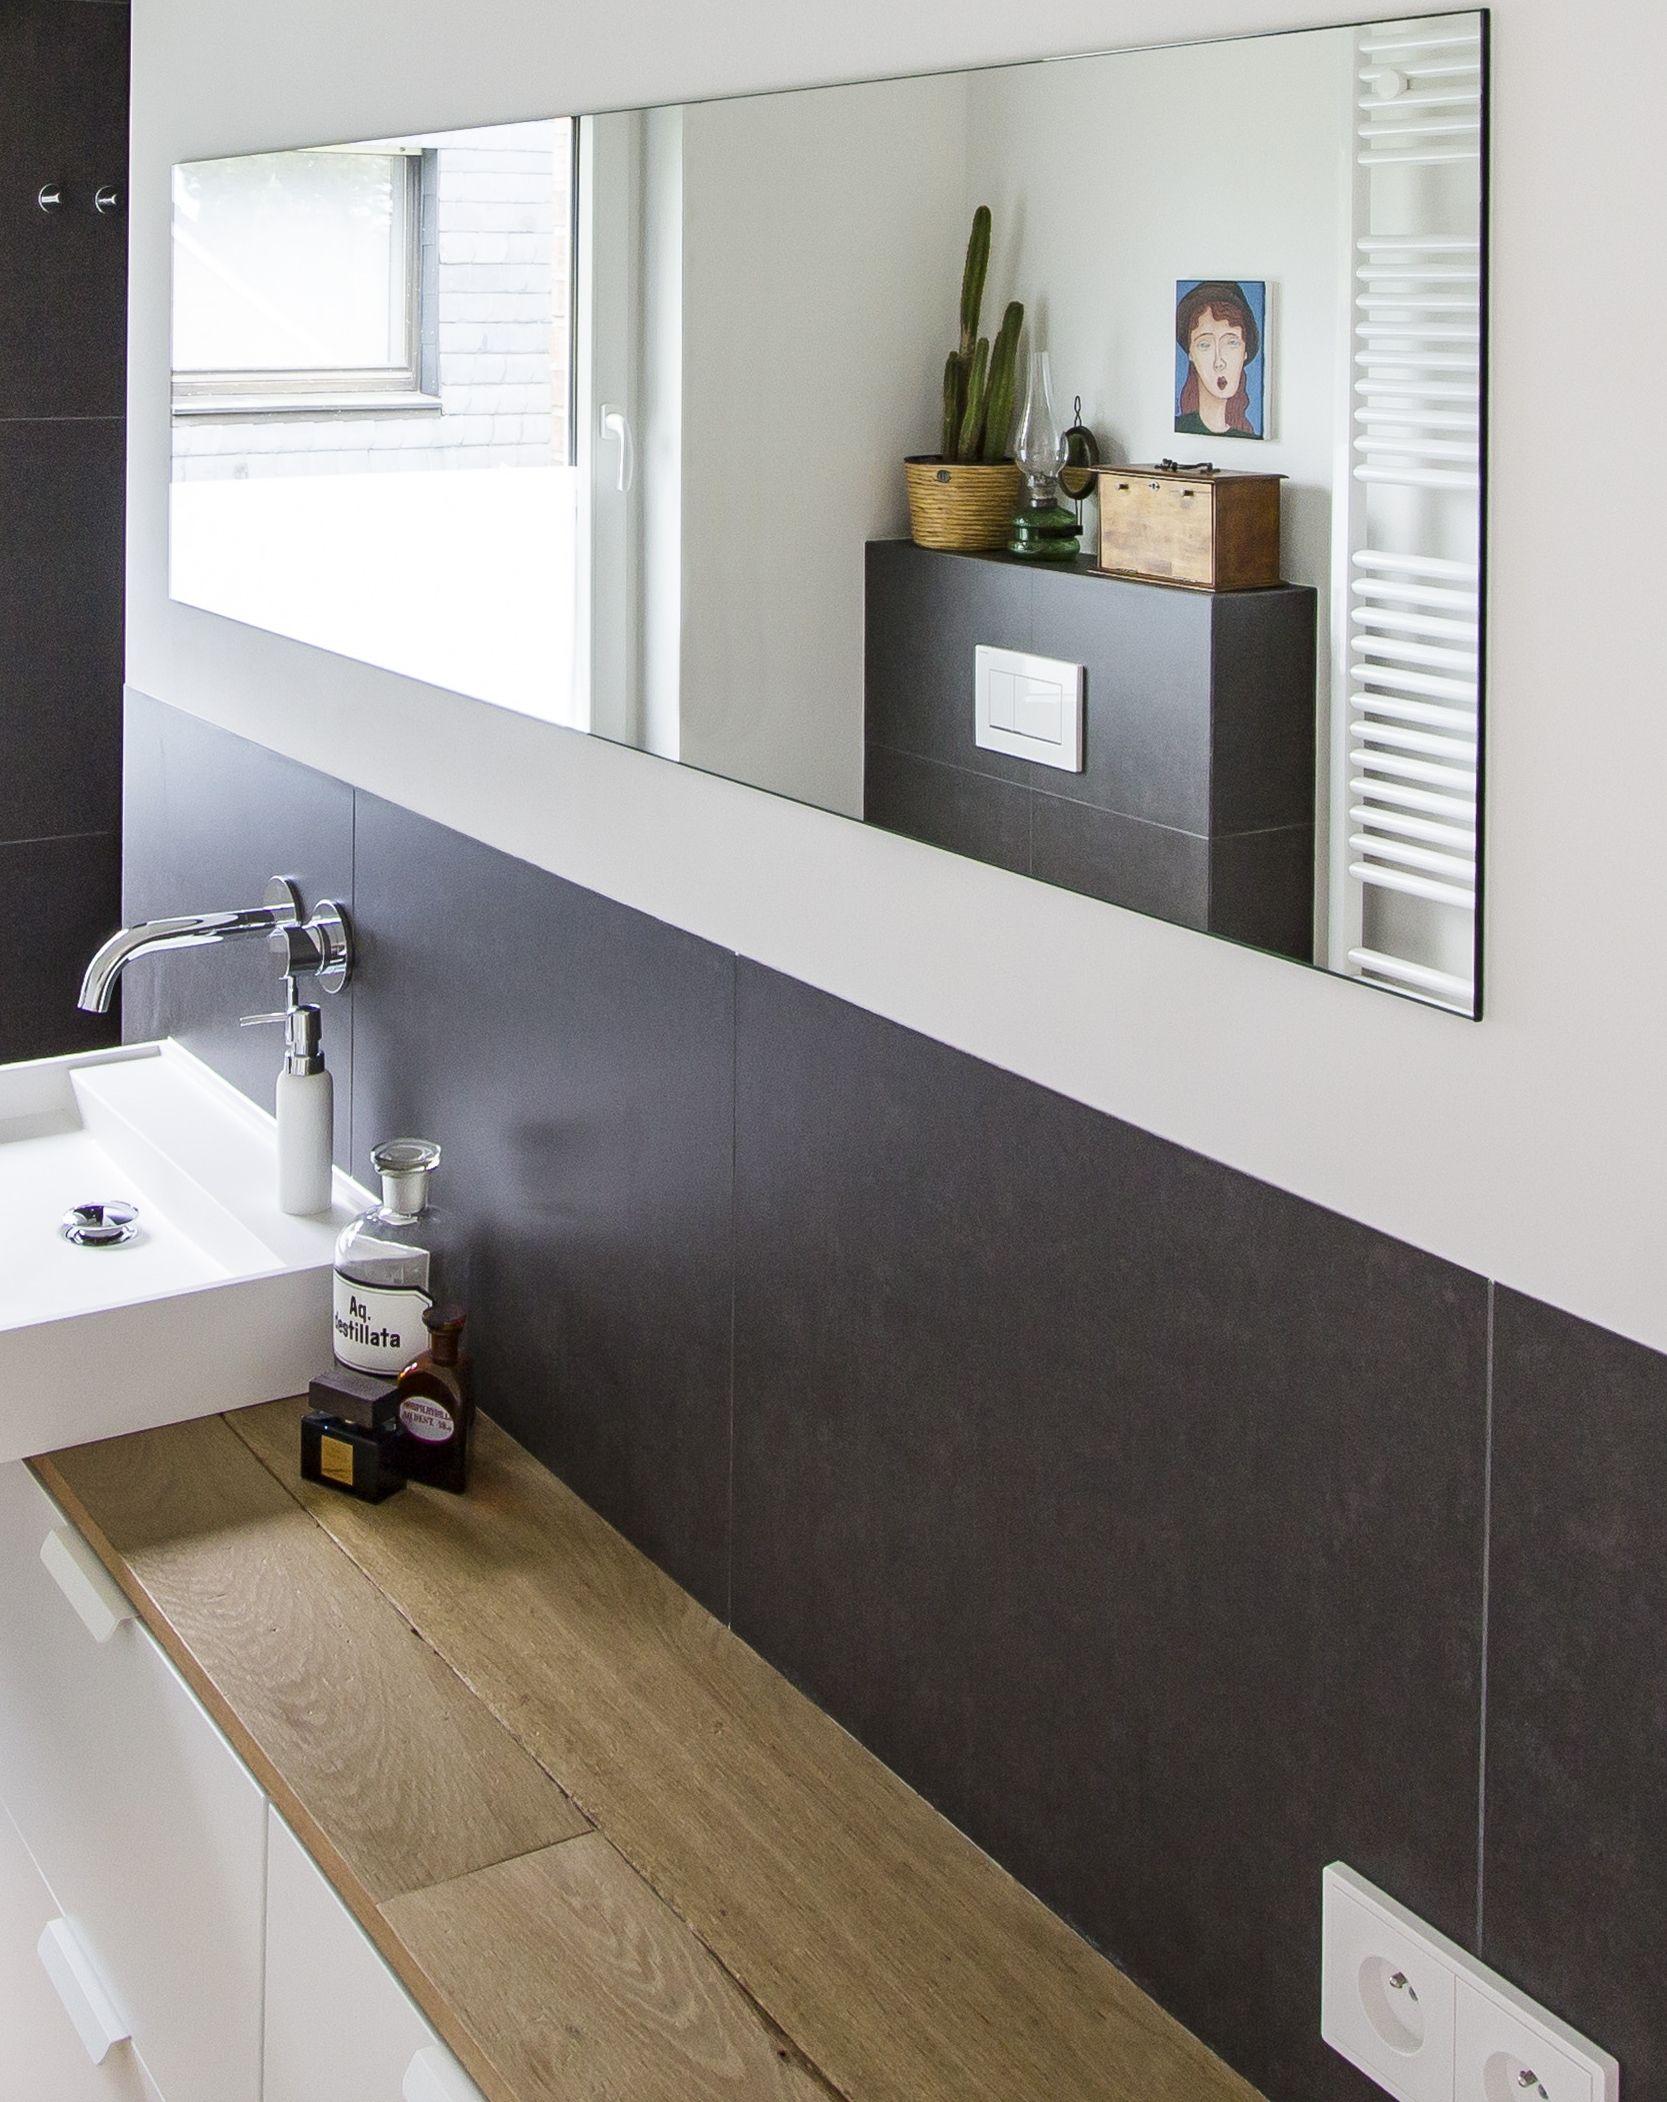 kundenreferenz eichendielen waschtisch naturstein. Black Bedroom Furniture Sets. Home Design Ideas